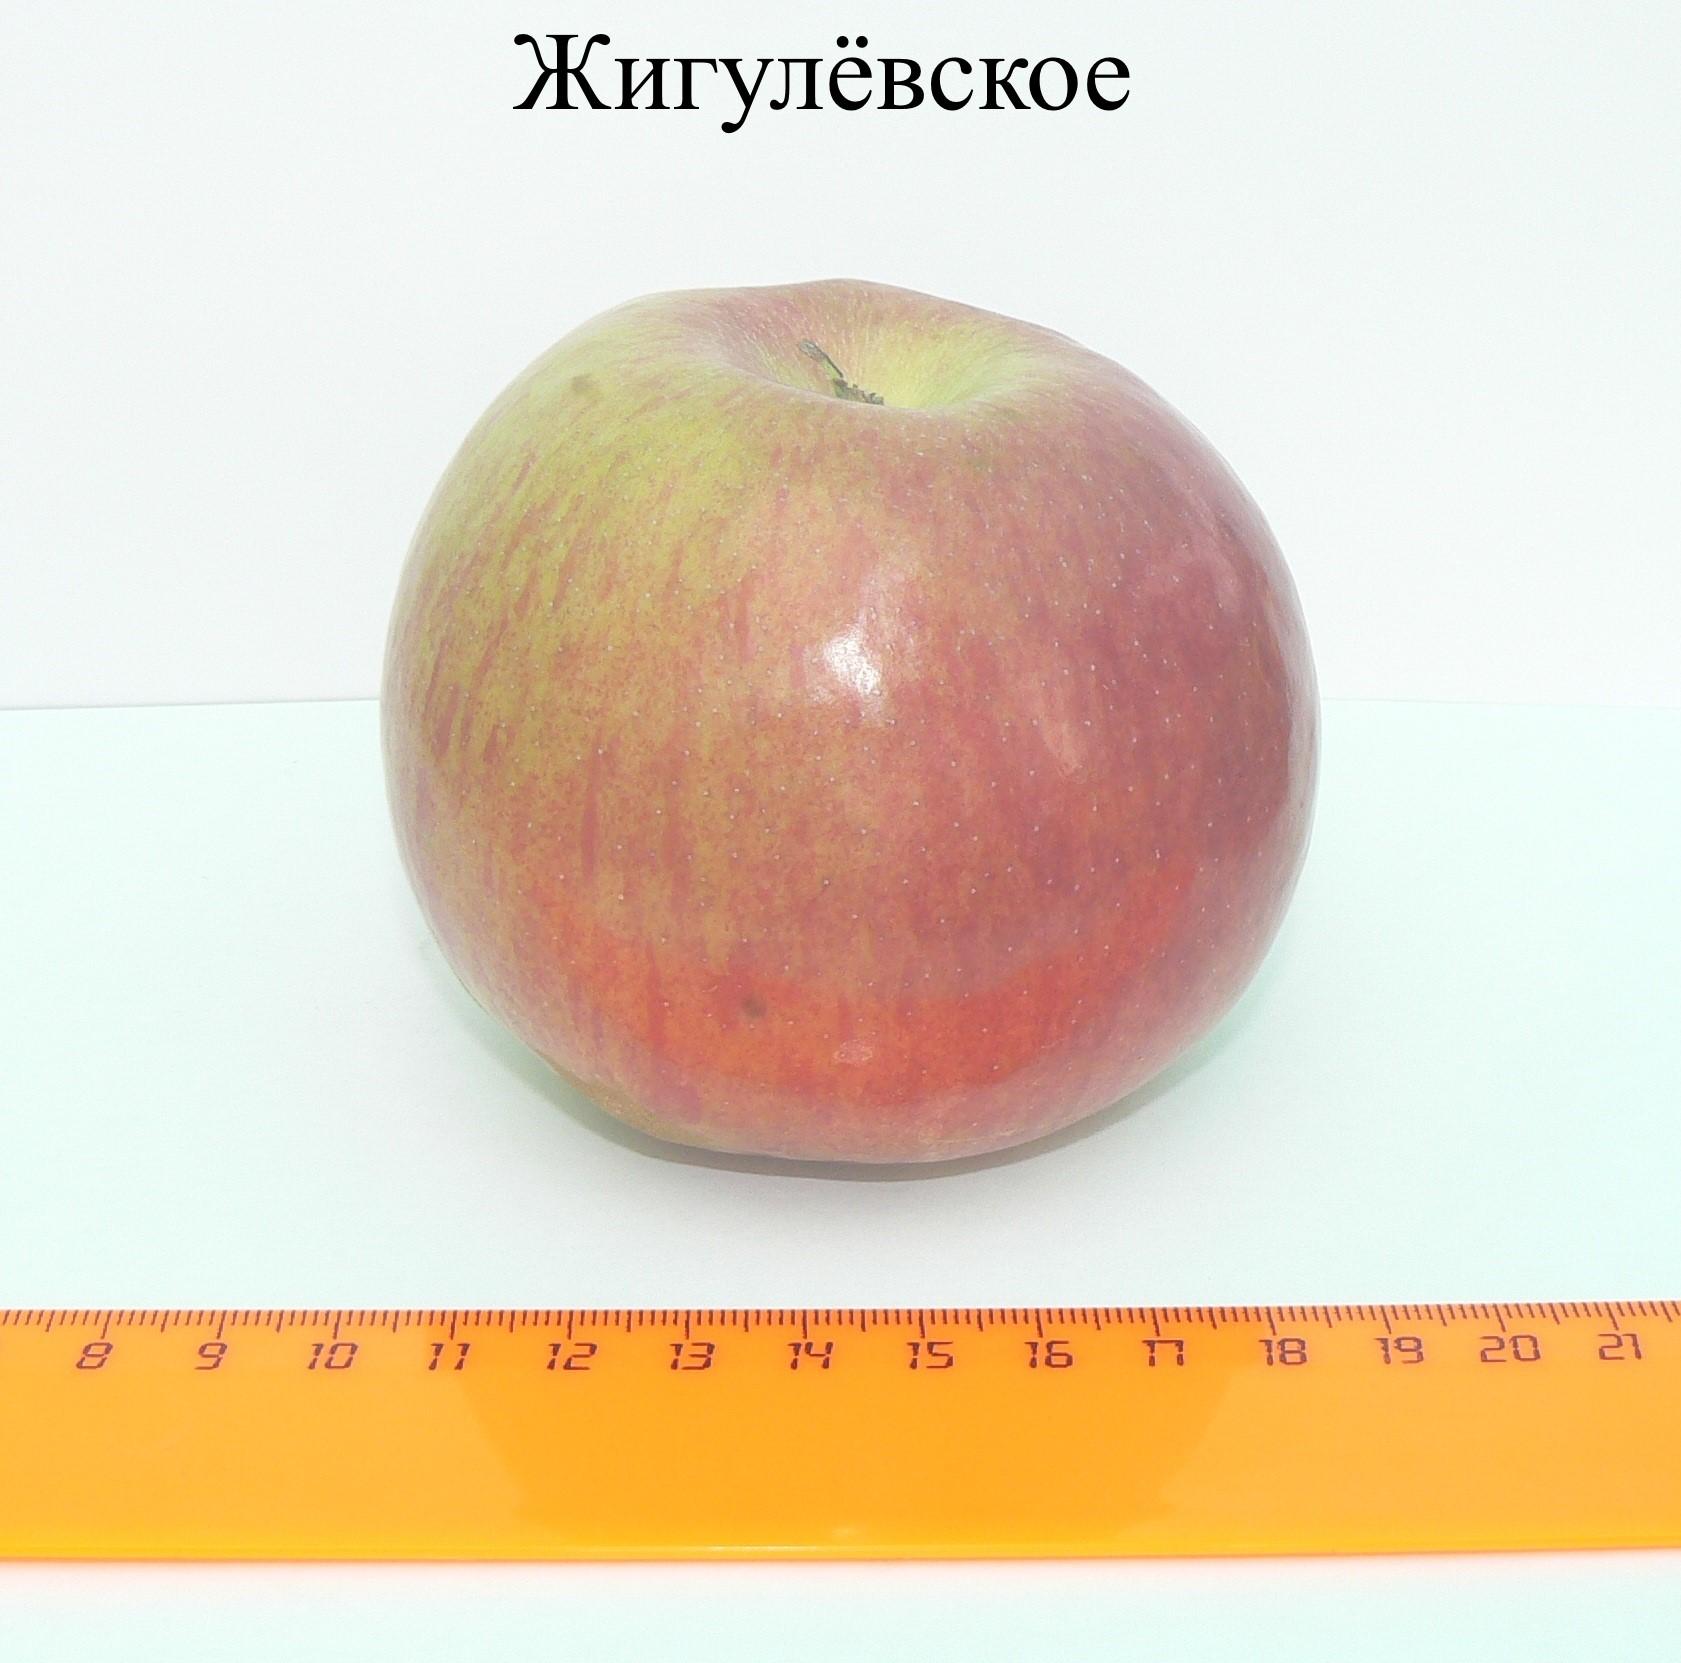 ZHigulyovskoe